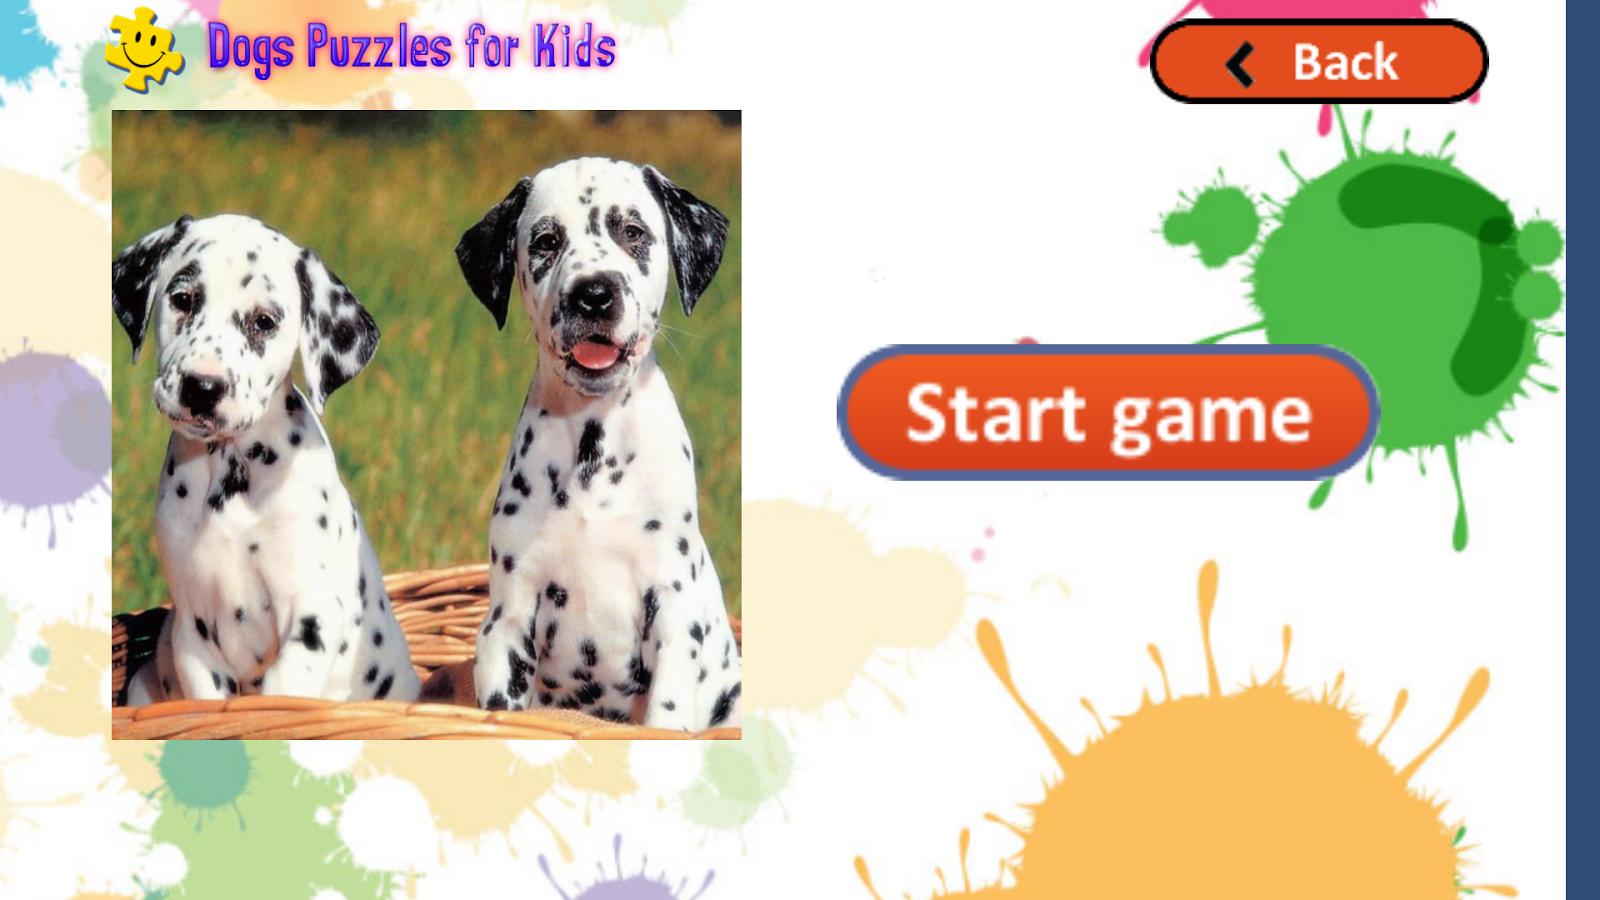 他们将享受解决拼图与可爱的小狗照片